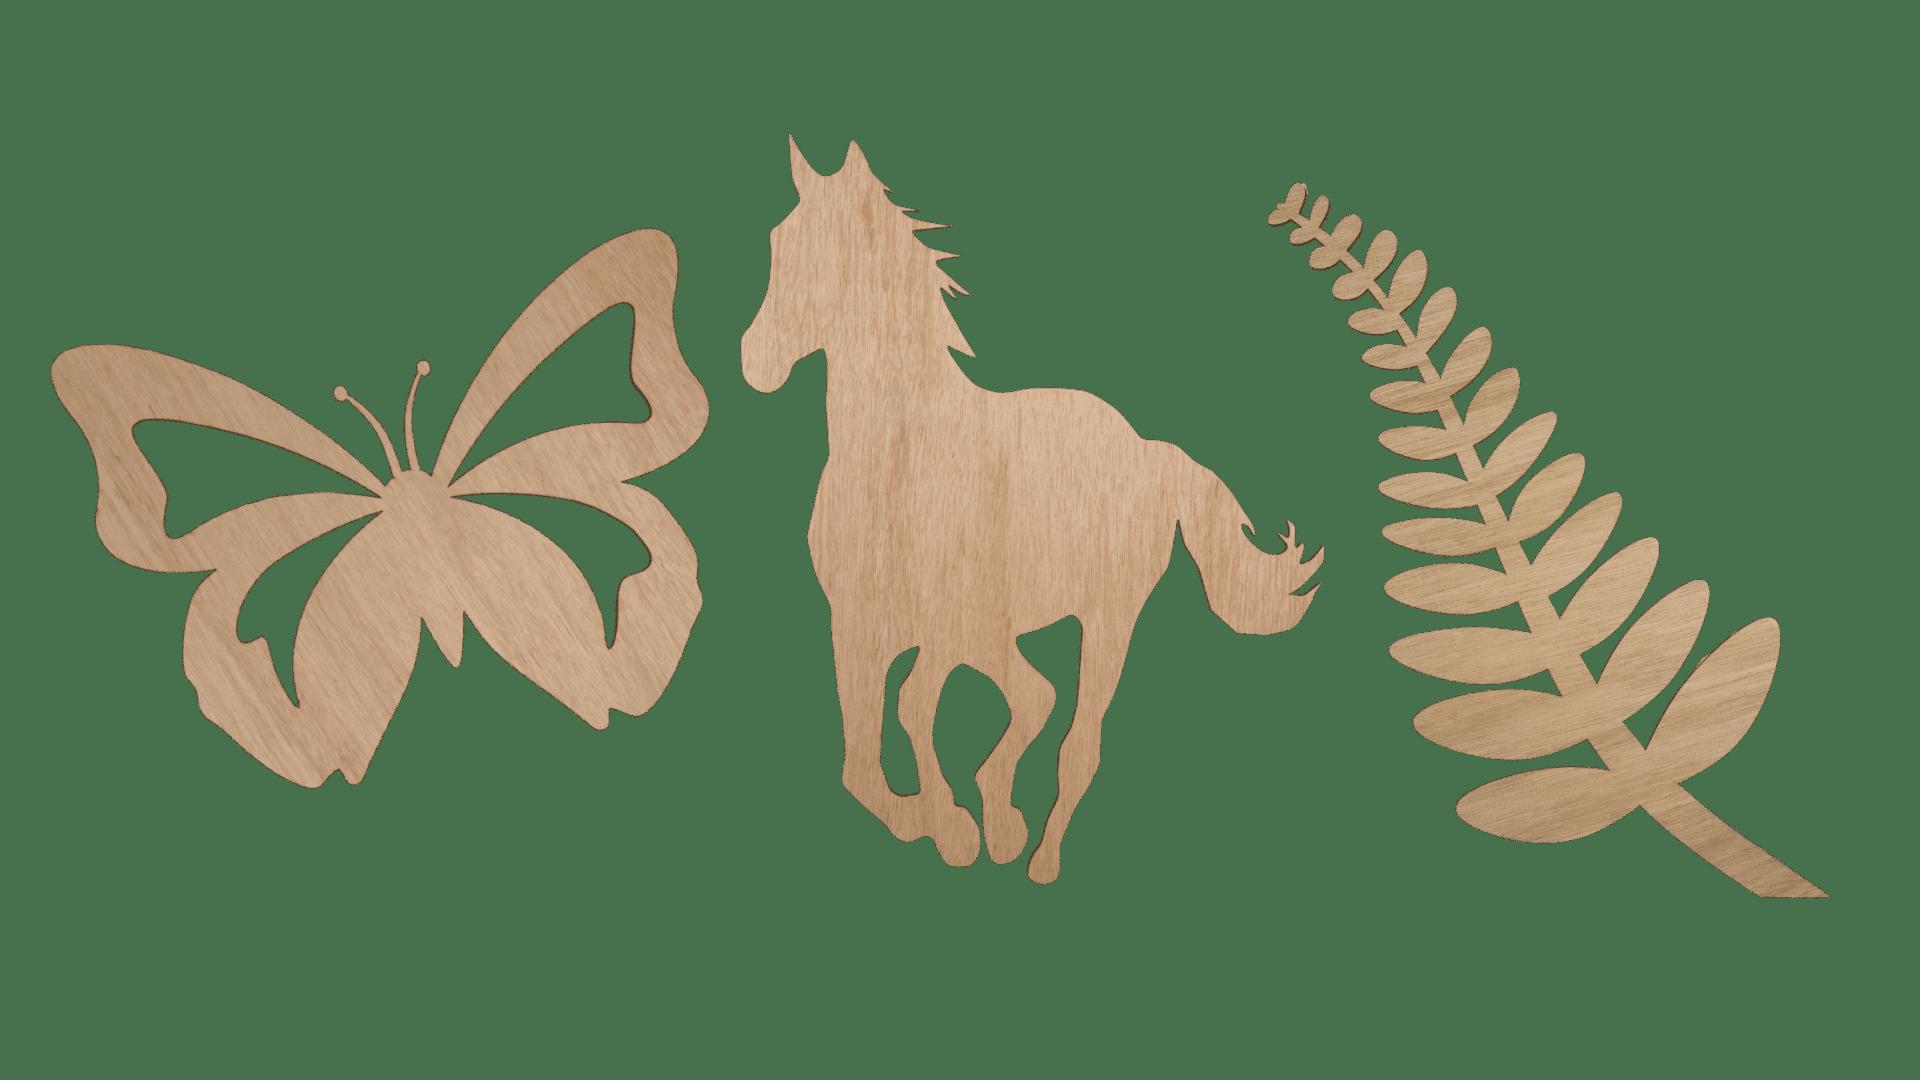 BUTTERFLY HORSE FERN